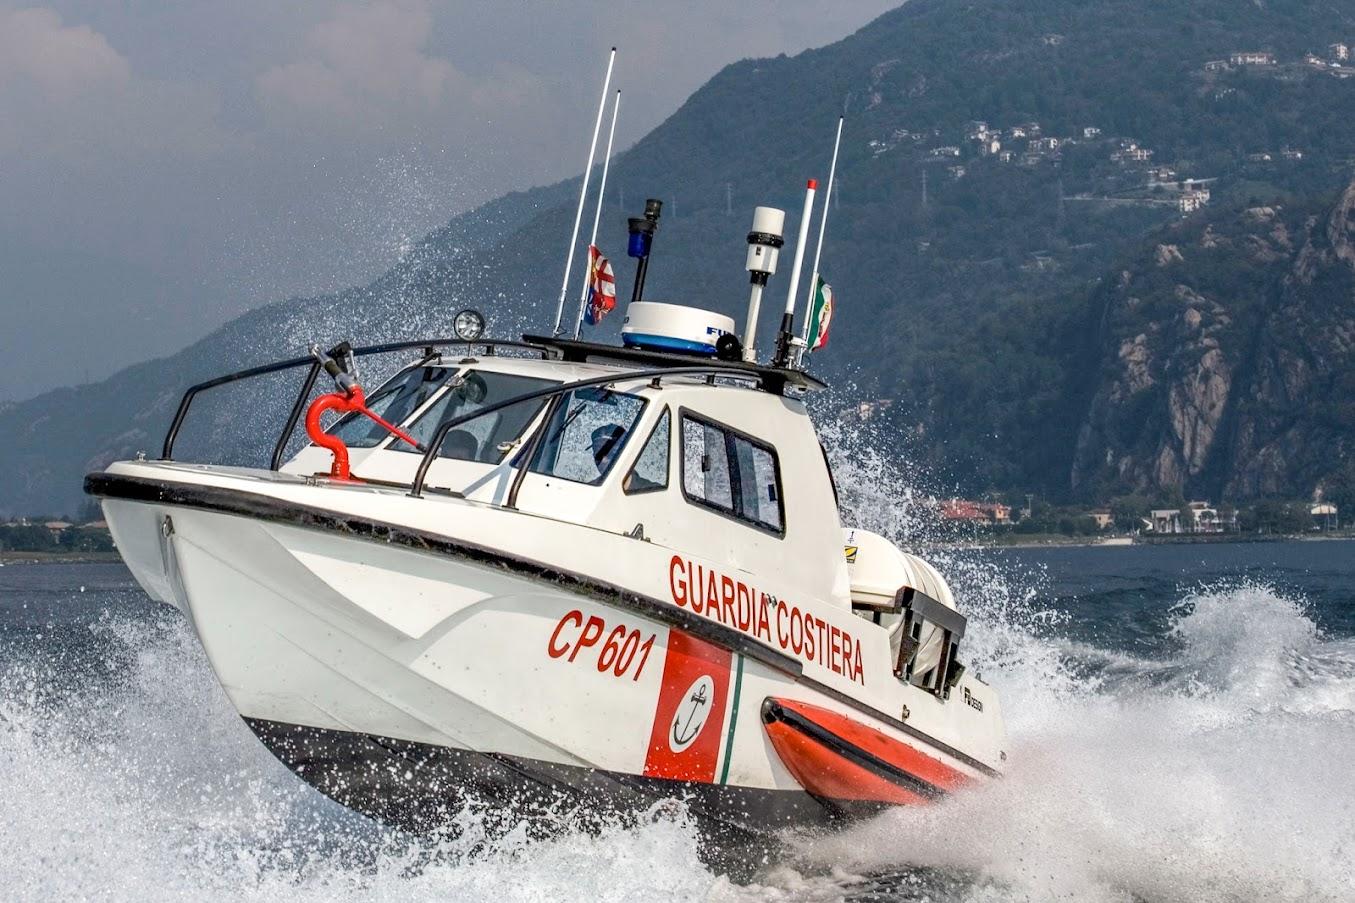 Sicurezza marittima - Photo credit: Capitanerie di Porto - Guardia Costiera